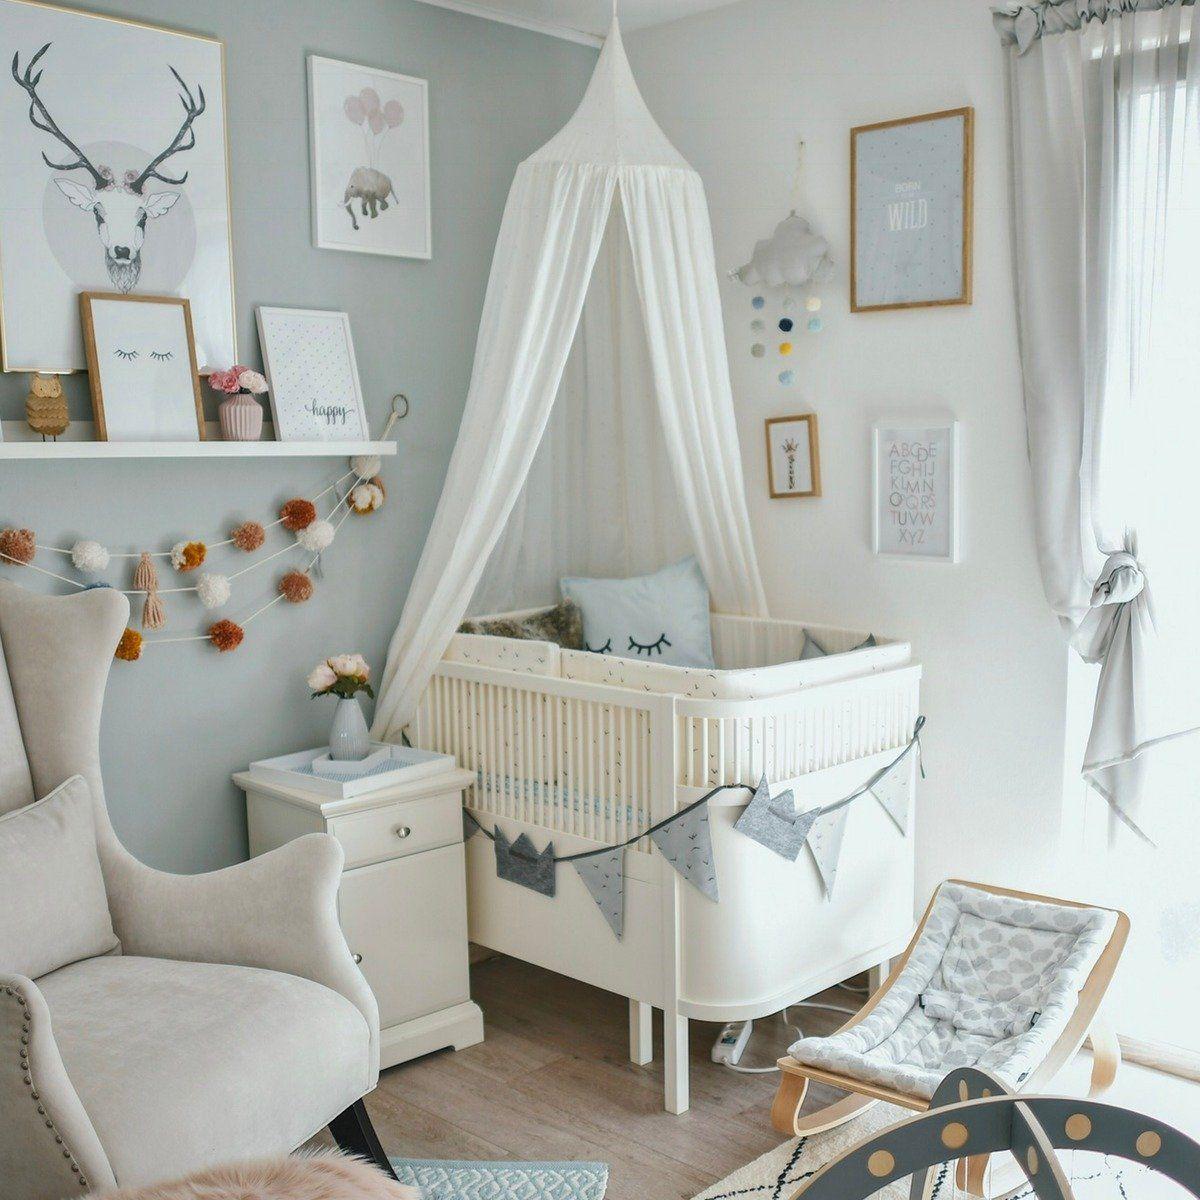 Sebra Babybett & Kinderbett mitwachsend & höhenverstellbar